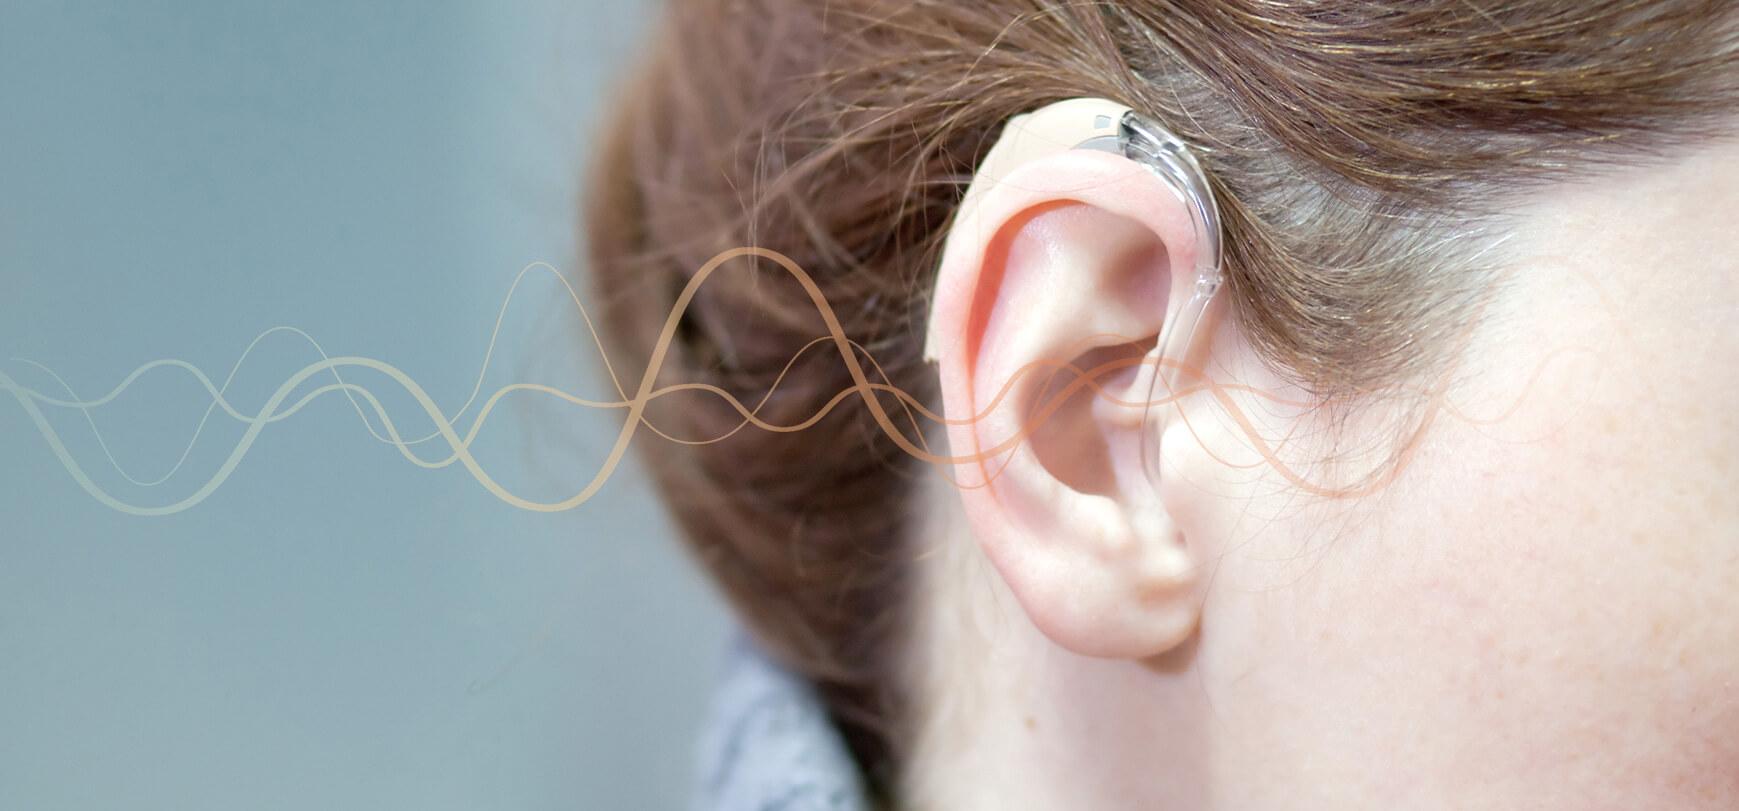 Gênes auditives légères à modérées :  Comment choisir votre appareil auditif ?